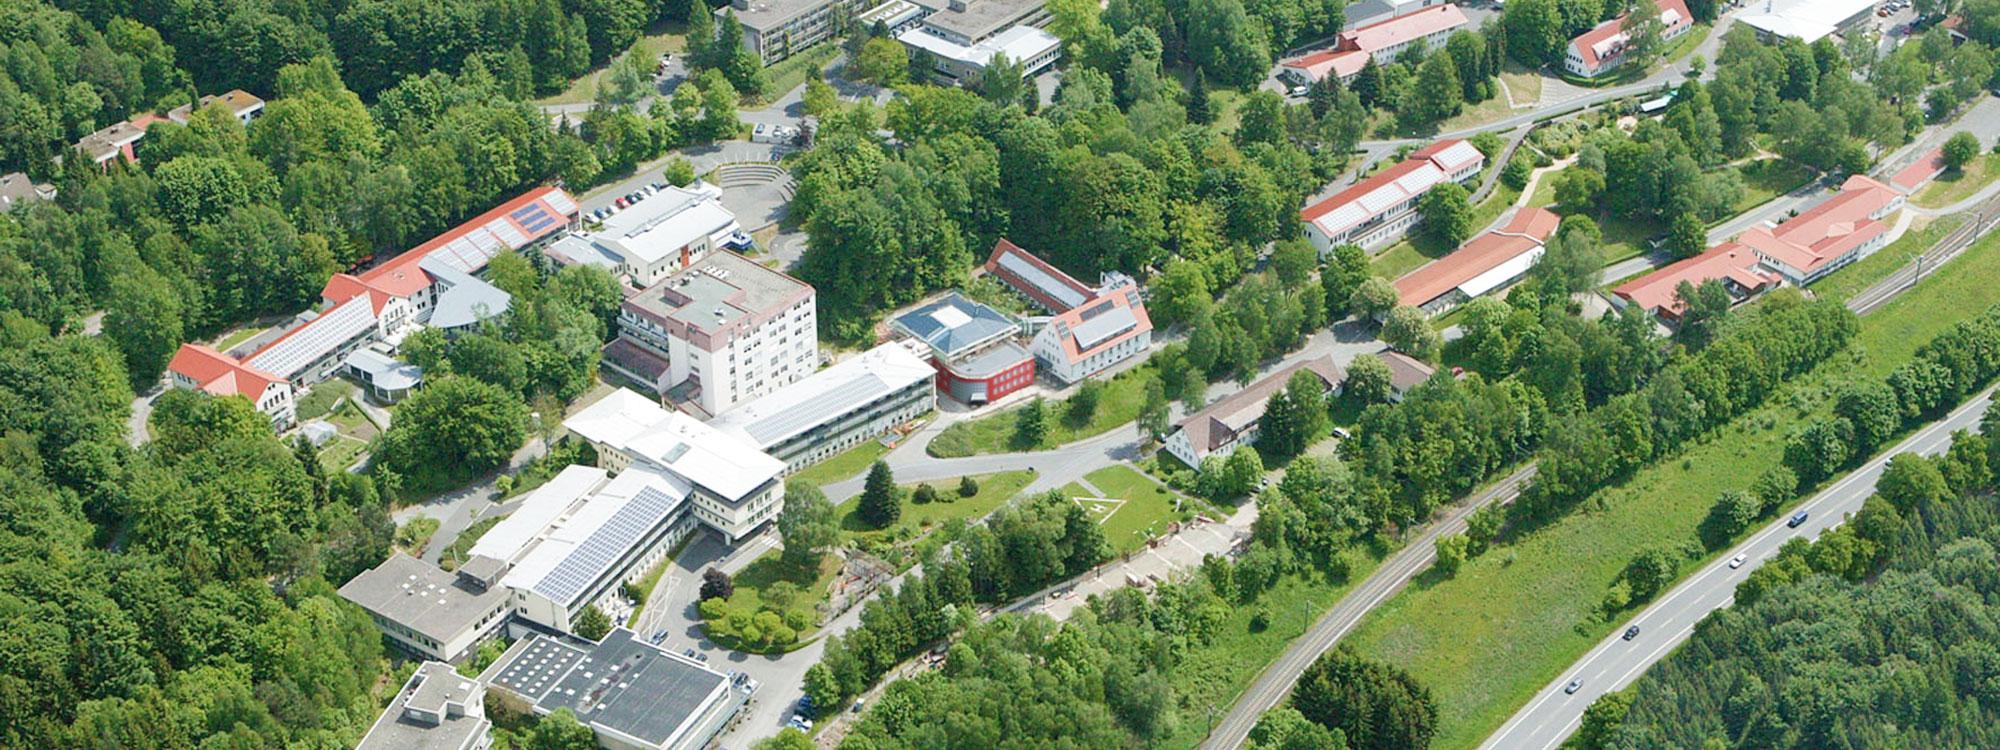 Karriere bei LICHTENAU e.V. - Blick von oben auf das Gelände